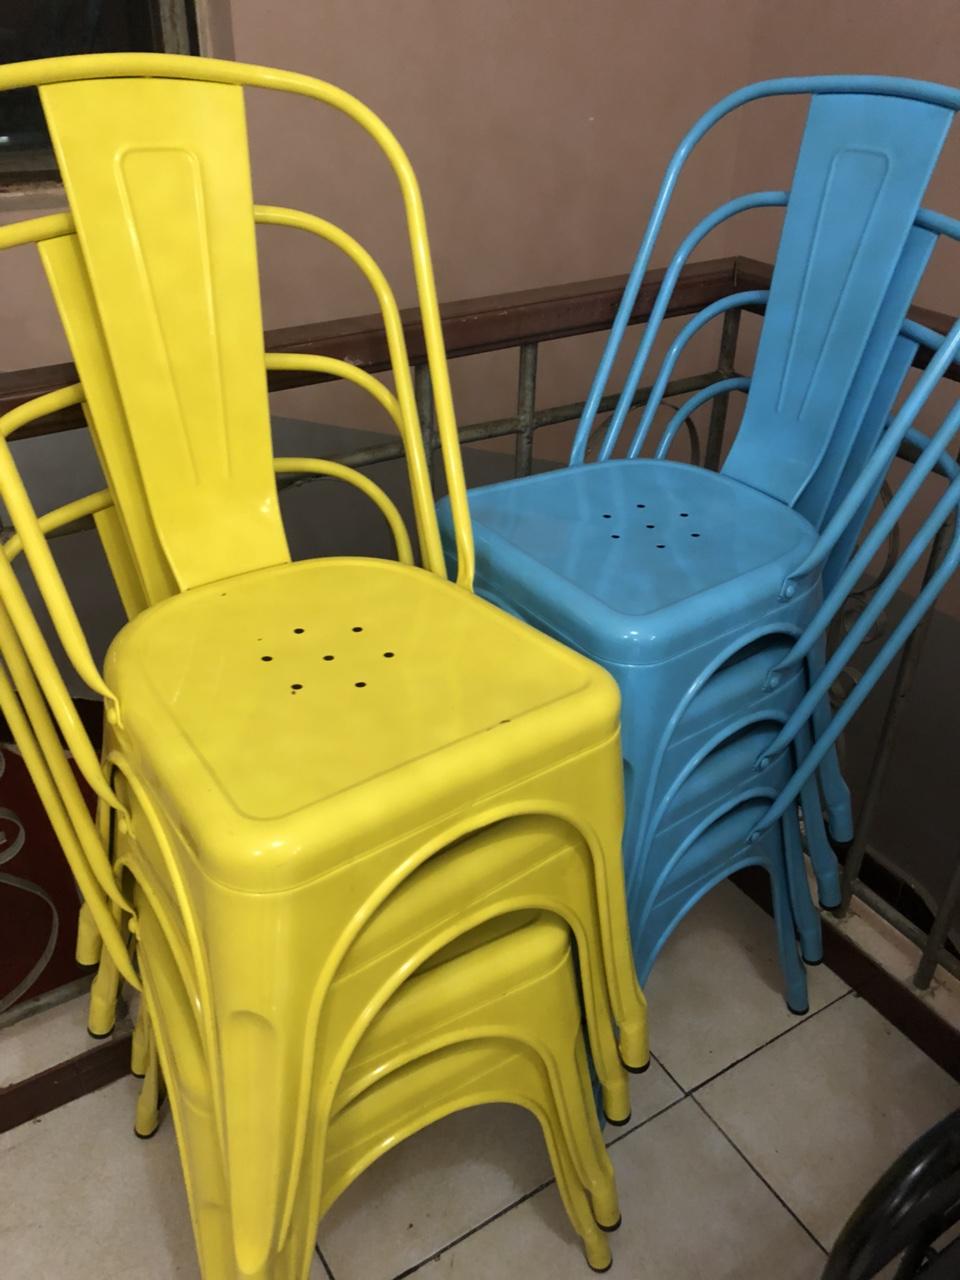 彩色铁艺凳子,可家用可餐厅用,结实耐用,多余的现低价出售